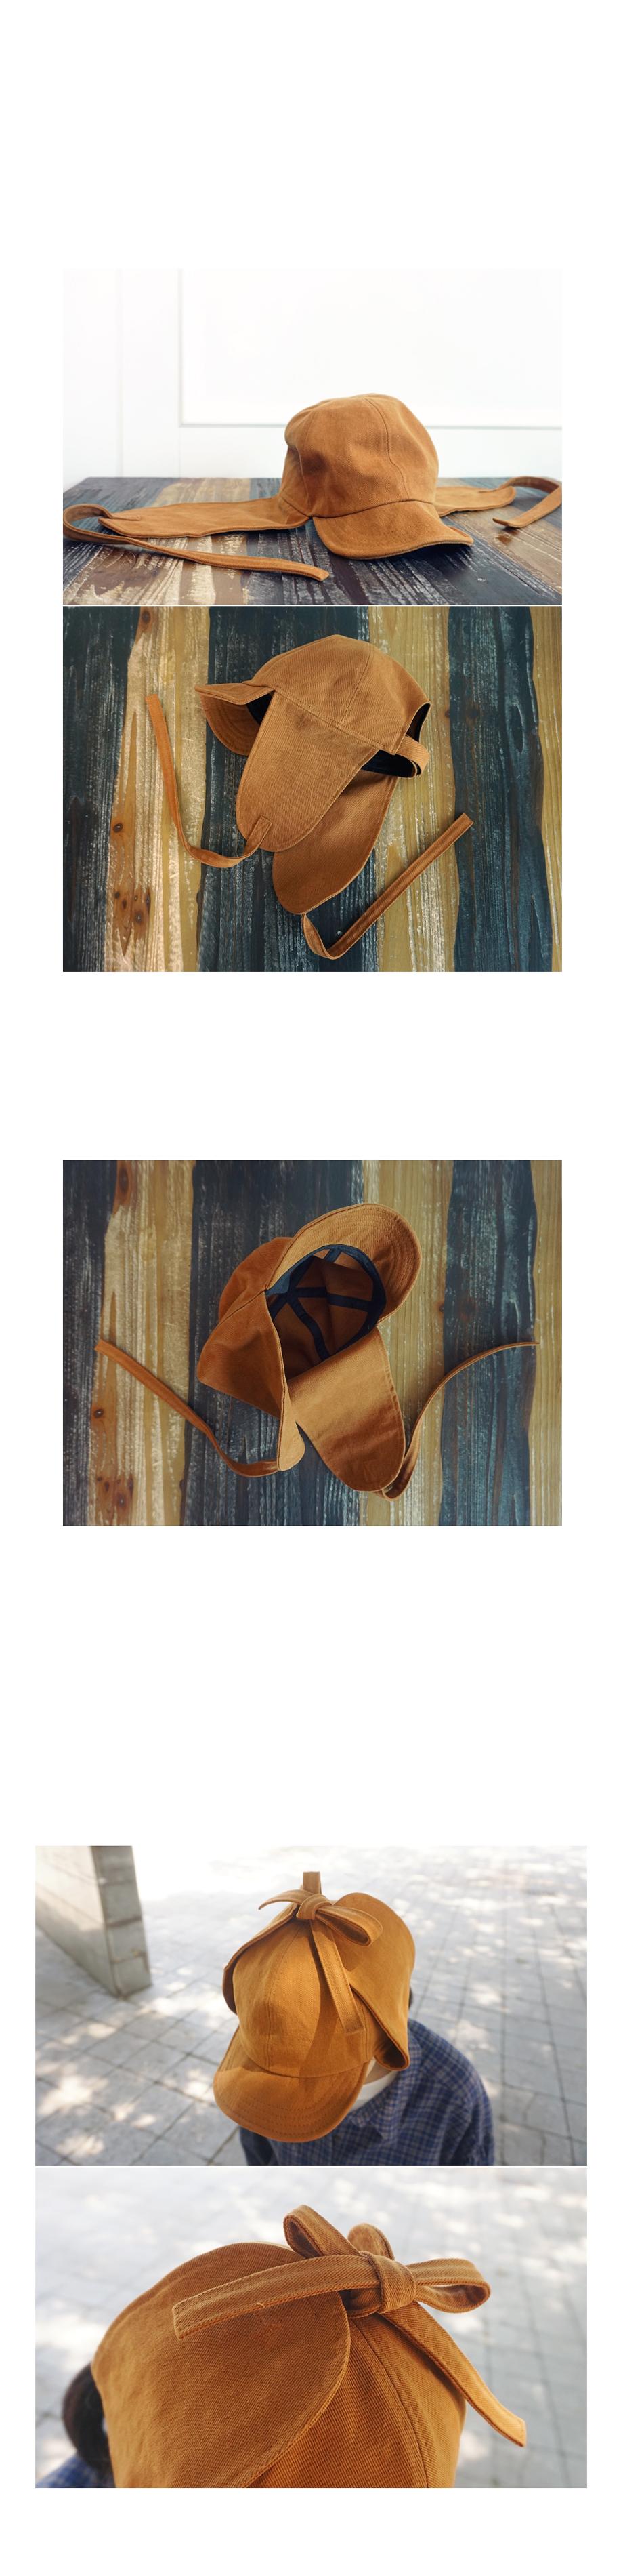 봄코튼면 귀달이벙거지캡모자 - 앞머리, 26,500원, 모자, 버킷햇